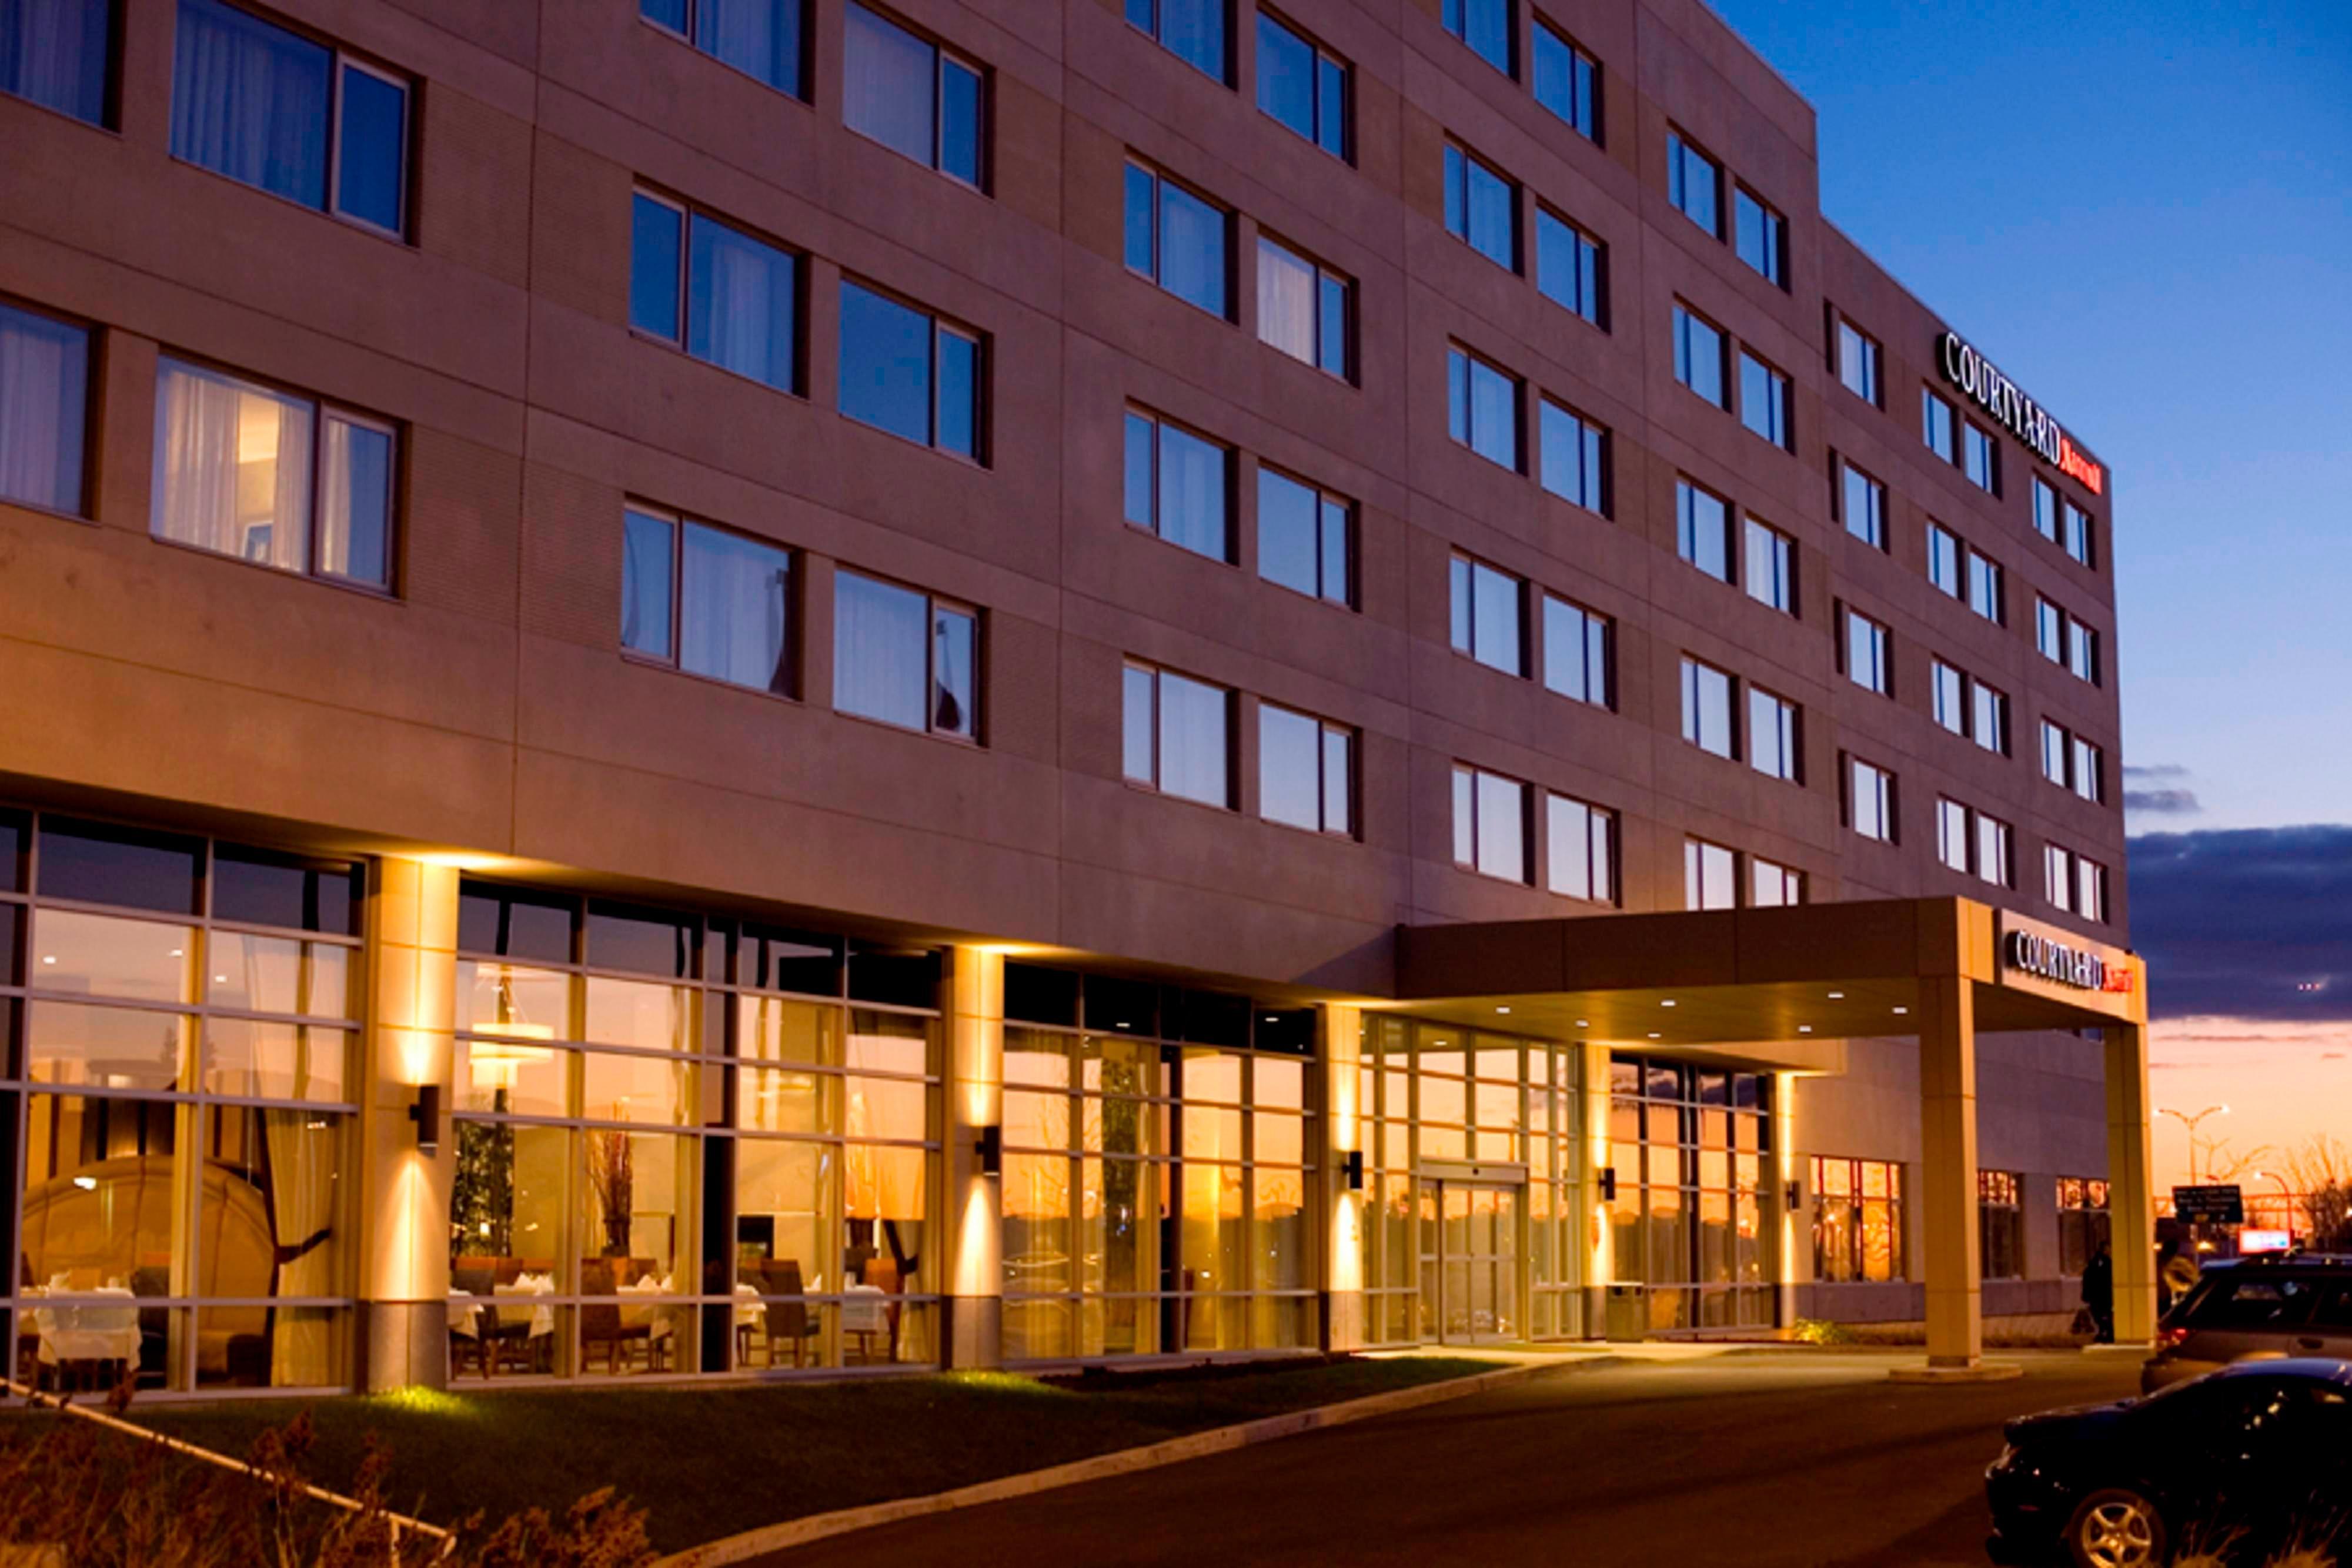 ドーバルのホテルの入口